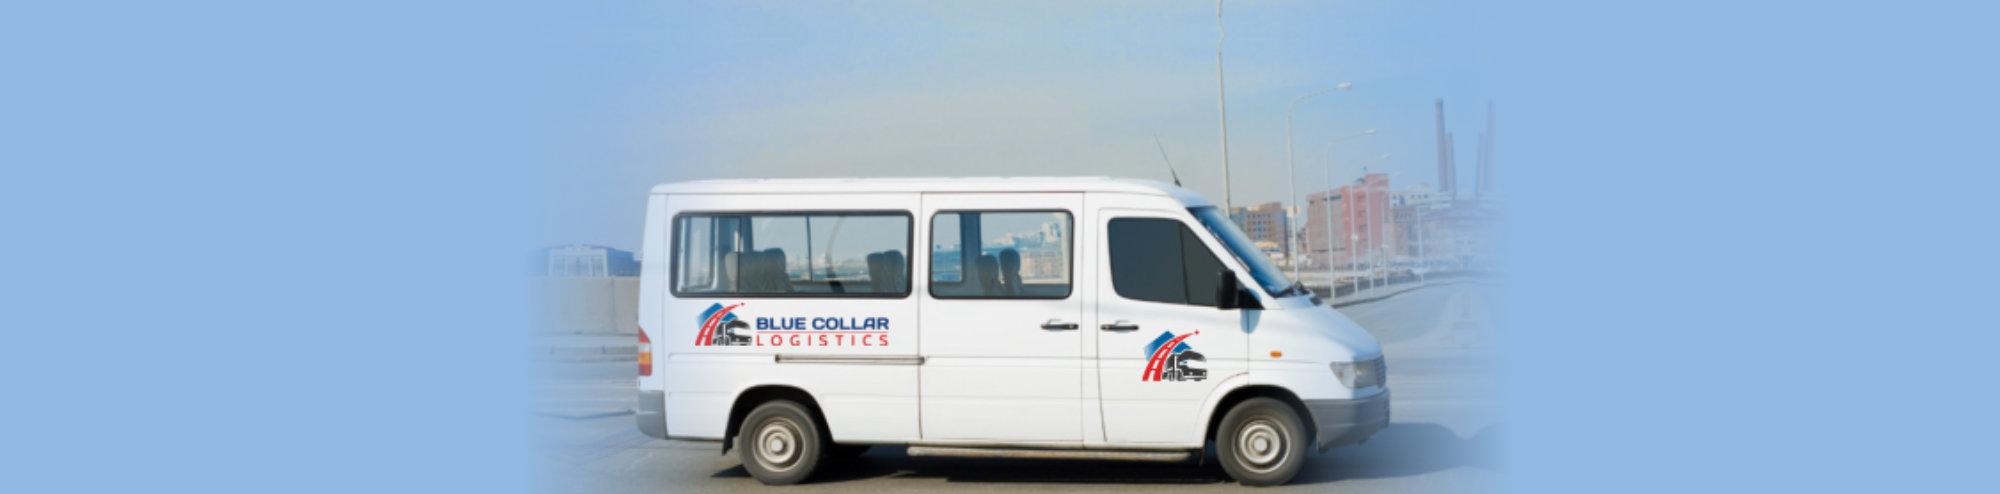 Passenger white Vans